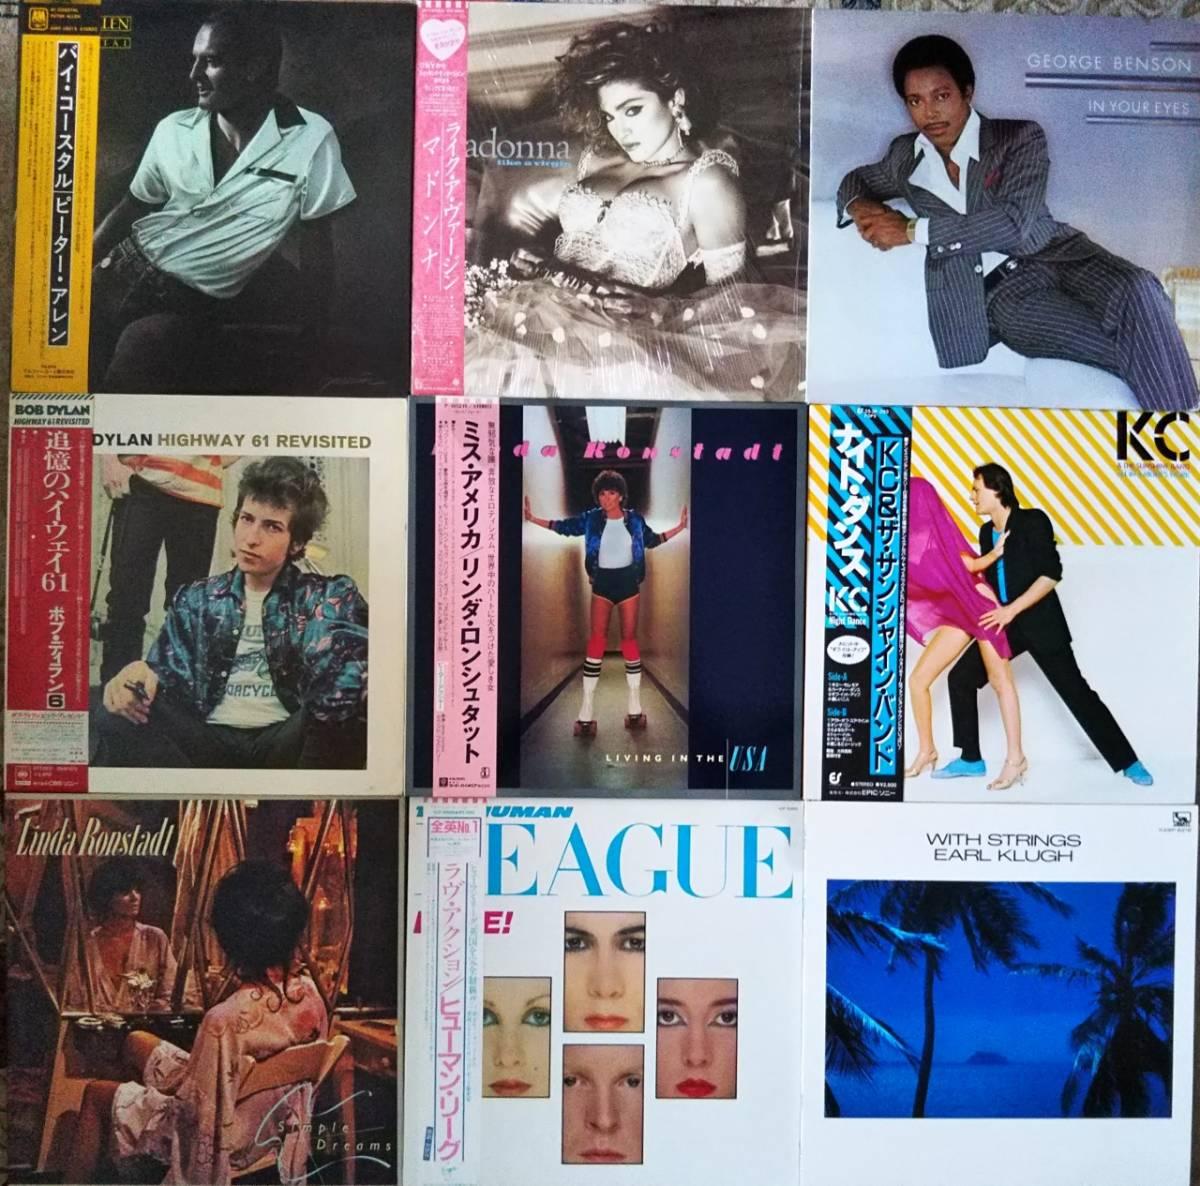 洋楽 LP45枚セット BEATLES ビートルズ、ロック、AOR、リンダ・ロンシュタット、ABBA、ボブ・ディラン、SOUL、FUSION、ビージーズなど_画像3